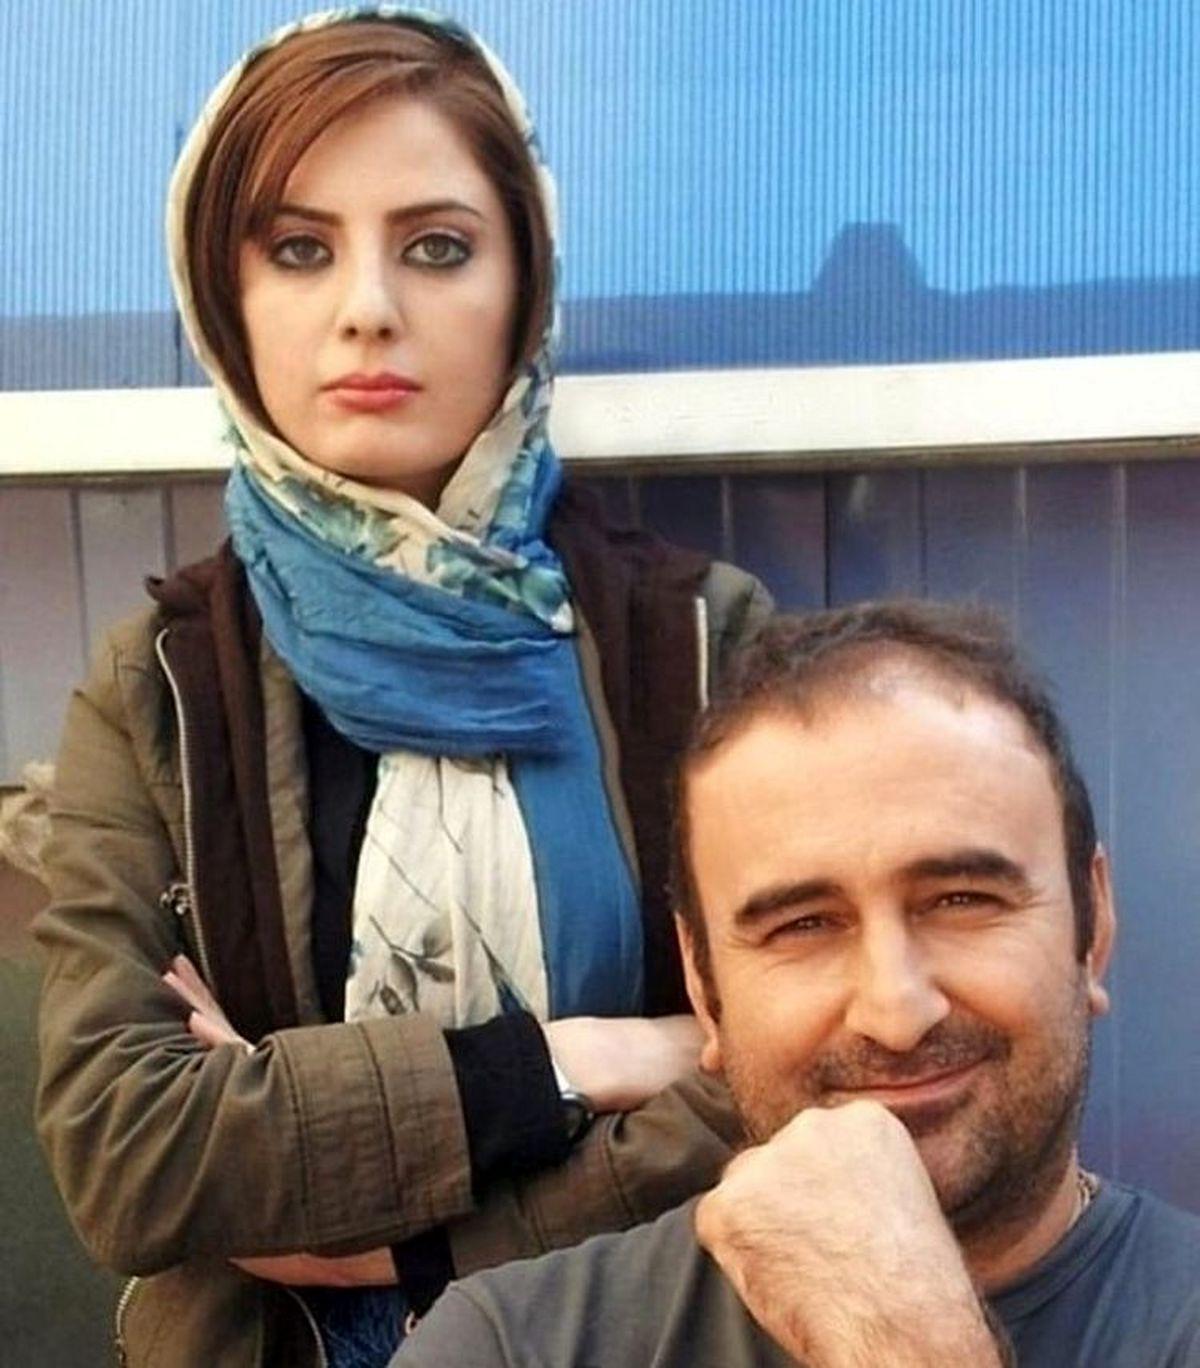 بازیگر معروف پایتخت در استخر ویلای لاکچری اش + عکس